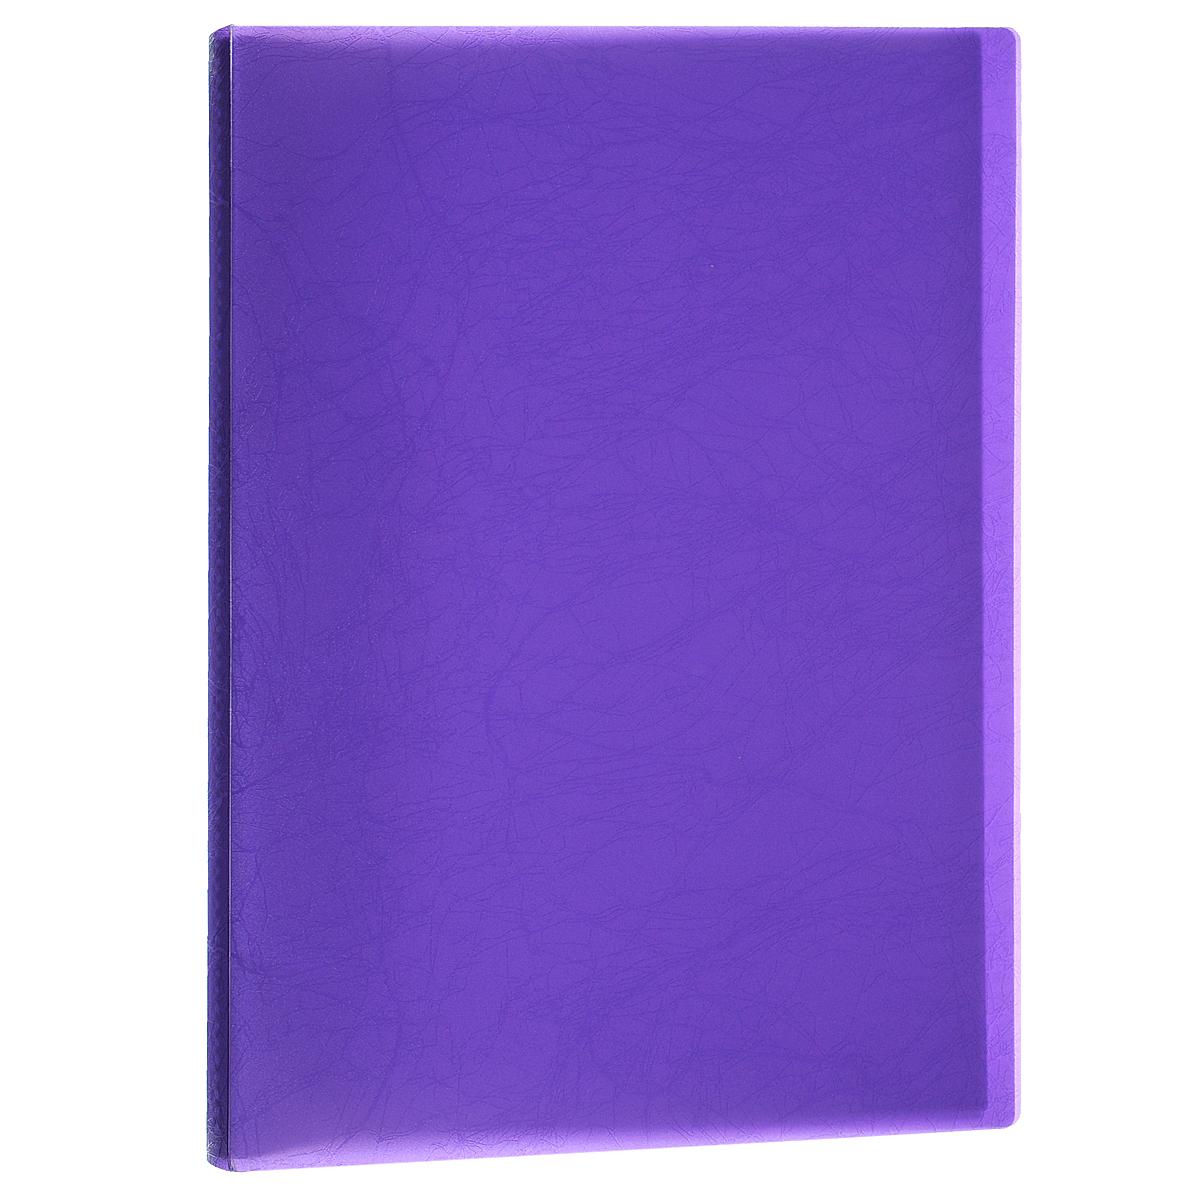 Папка Centrum, 20 файлов, цвет: фиолетовый. Формат А439057Папка Centrum - это удобный и функциональный офисный инструмент, предназначенный для хранения и транспортировки рабочих бумаг и документов формата А4.Папка изготовлена из прочного высококачественного пластика и включает в себя 20 прозрачных вкладышей-файлов. Обложка папки оформлена тиснением под кожу. Папка имеет опрятный и неброский вид. Уголки папки имеют закругленную форму, что предотвращает их загибание и помогает надолго сохранить опрятный вид обложки.Папка - это незаменимый атрибут для любого студента, школьника или офисного работника. Такая папка надежно сохранит ваши бумаги и сбережет их от повреждений, пыли и влаги.